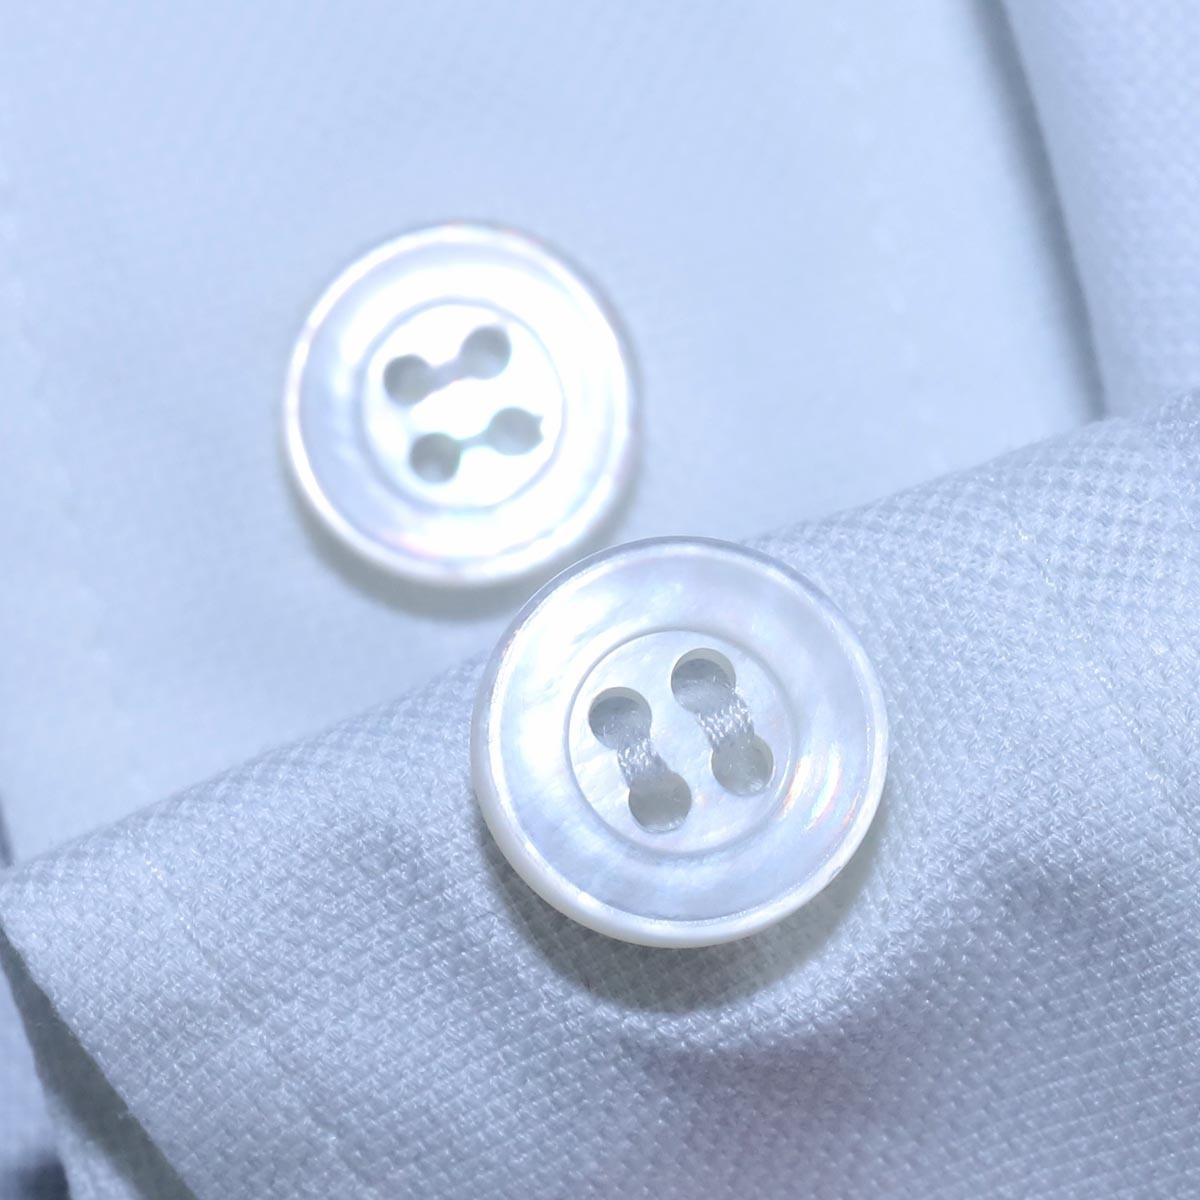 本物 エルメス 極希少 マルジェラ期 シェル釦 ポケット付きノースリーブシャツ サイズ36 ホワイト トップス ベスト ブラウス HERMES_画像3